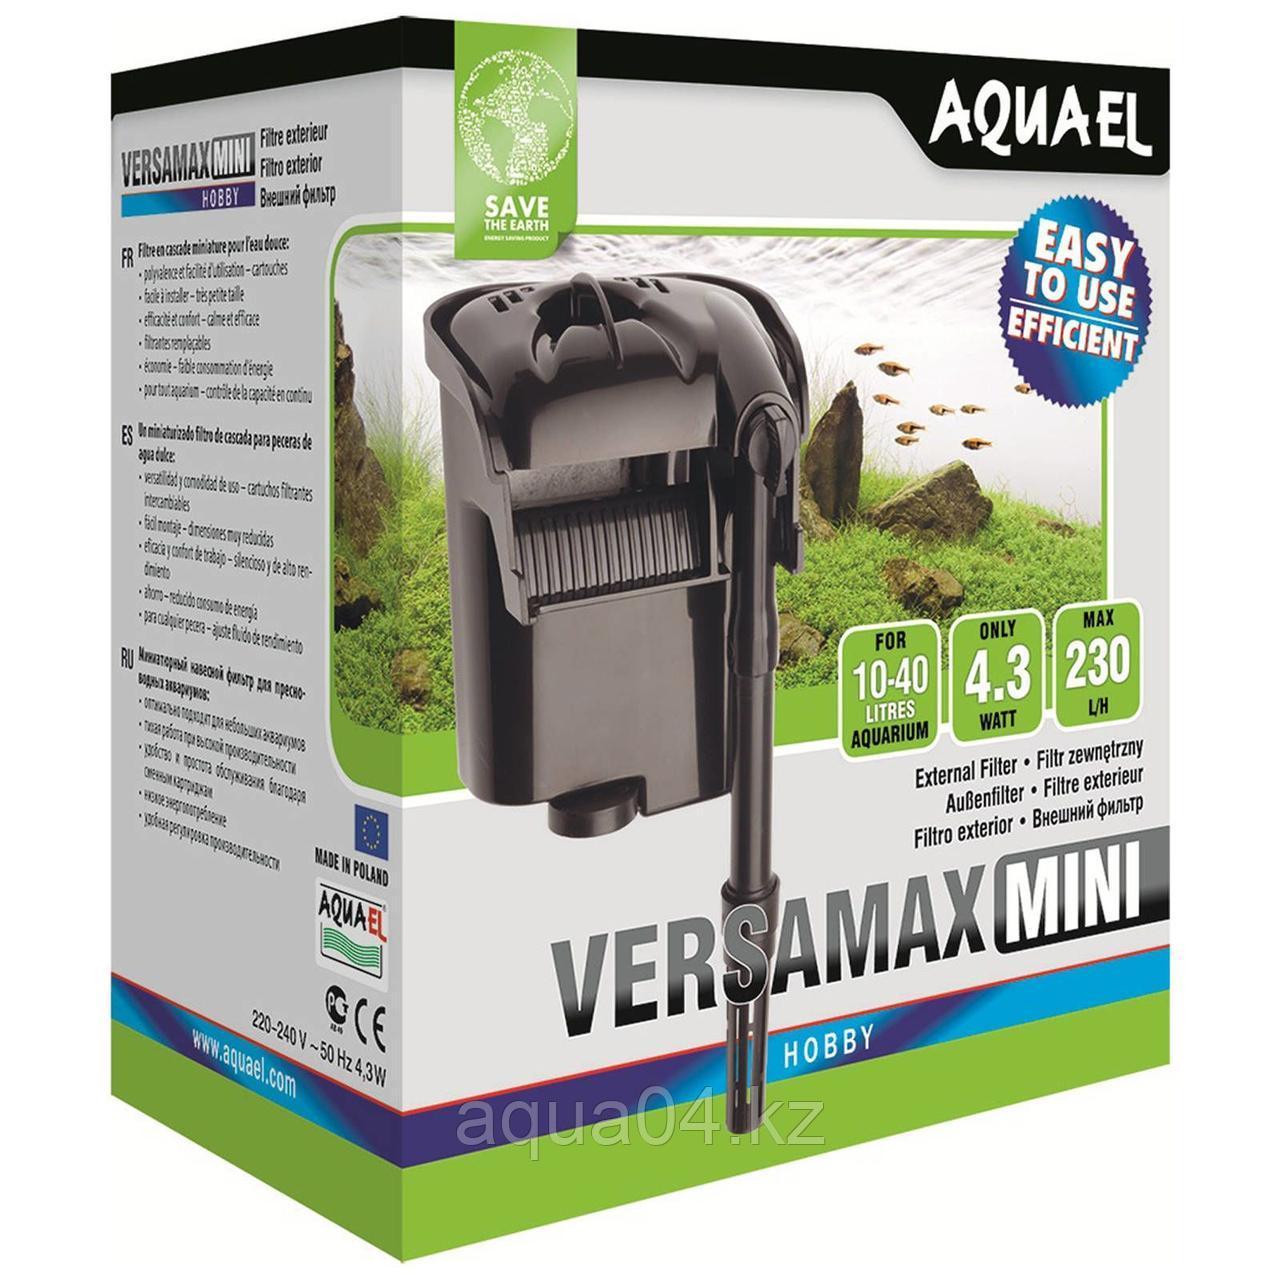 Aquael VERSAMAX MINI (Навесной фильтр до 40 л.)